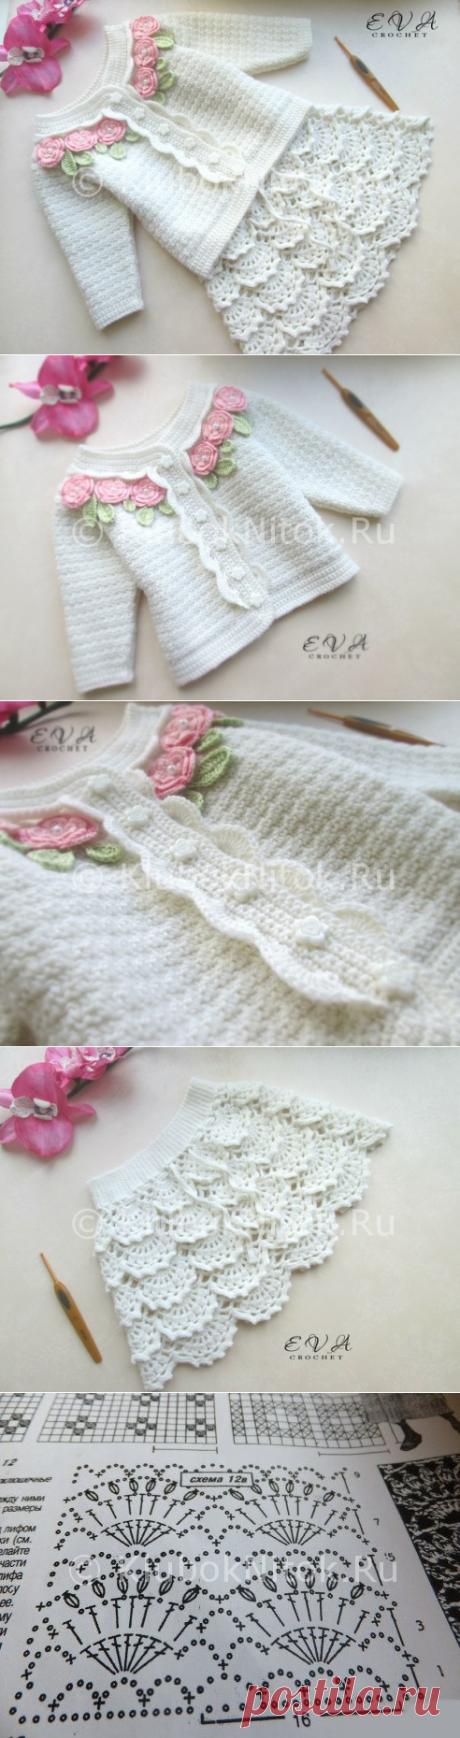 Костюмчик от Eva Crochet | Вязание для девочек | Вязание спицами и крючком. Схемы вязания.